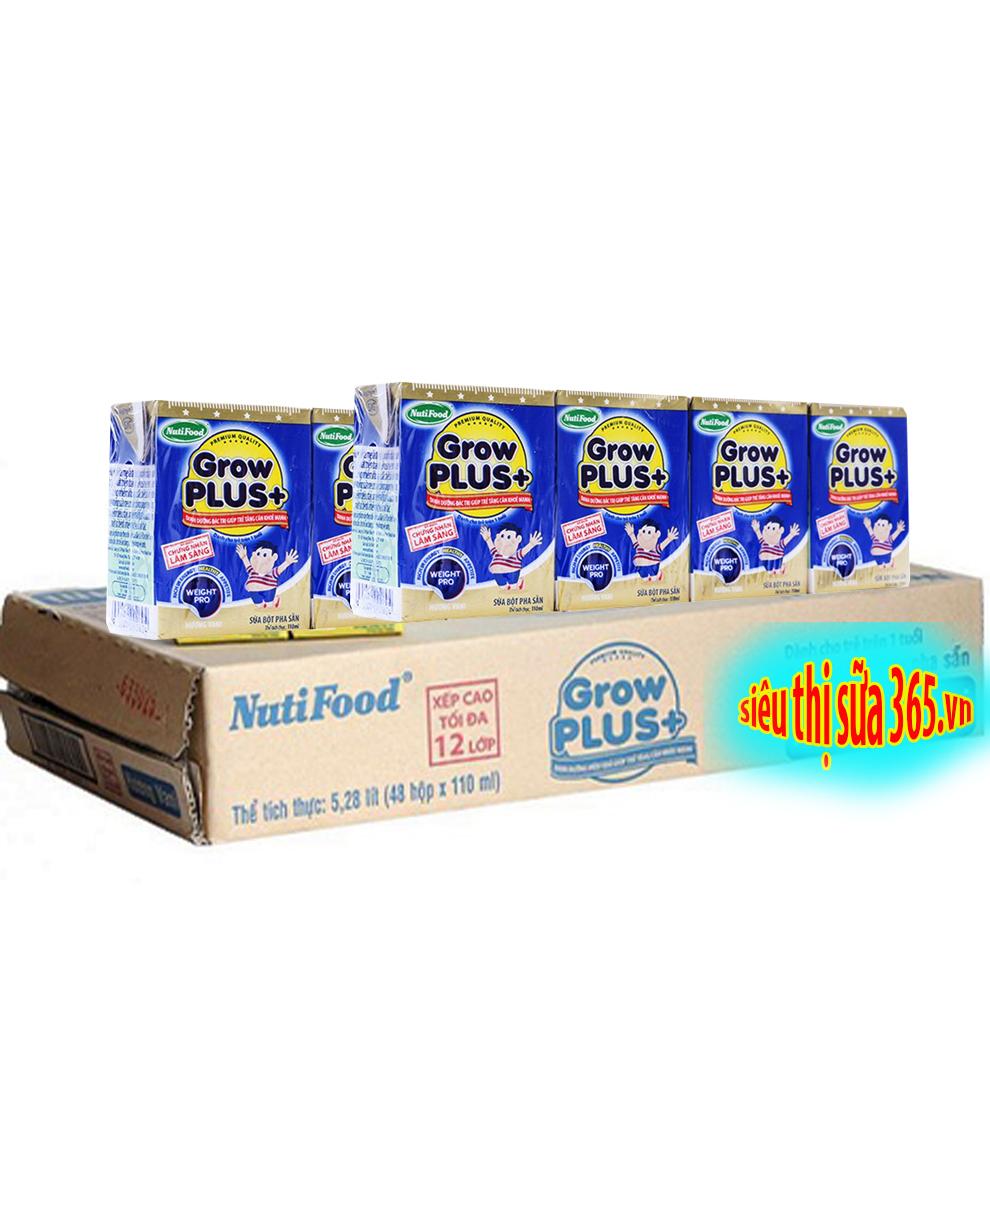 Sữa bột pha sẵn Nuti Grow Plus xanh 110 Ml x 48 hộp: dinh dưỡng cho trẻ từ 12 tháng tăng cân khỏe mạnh